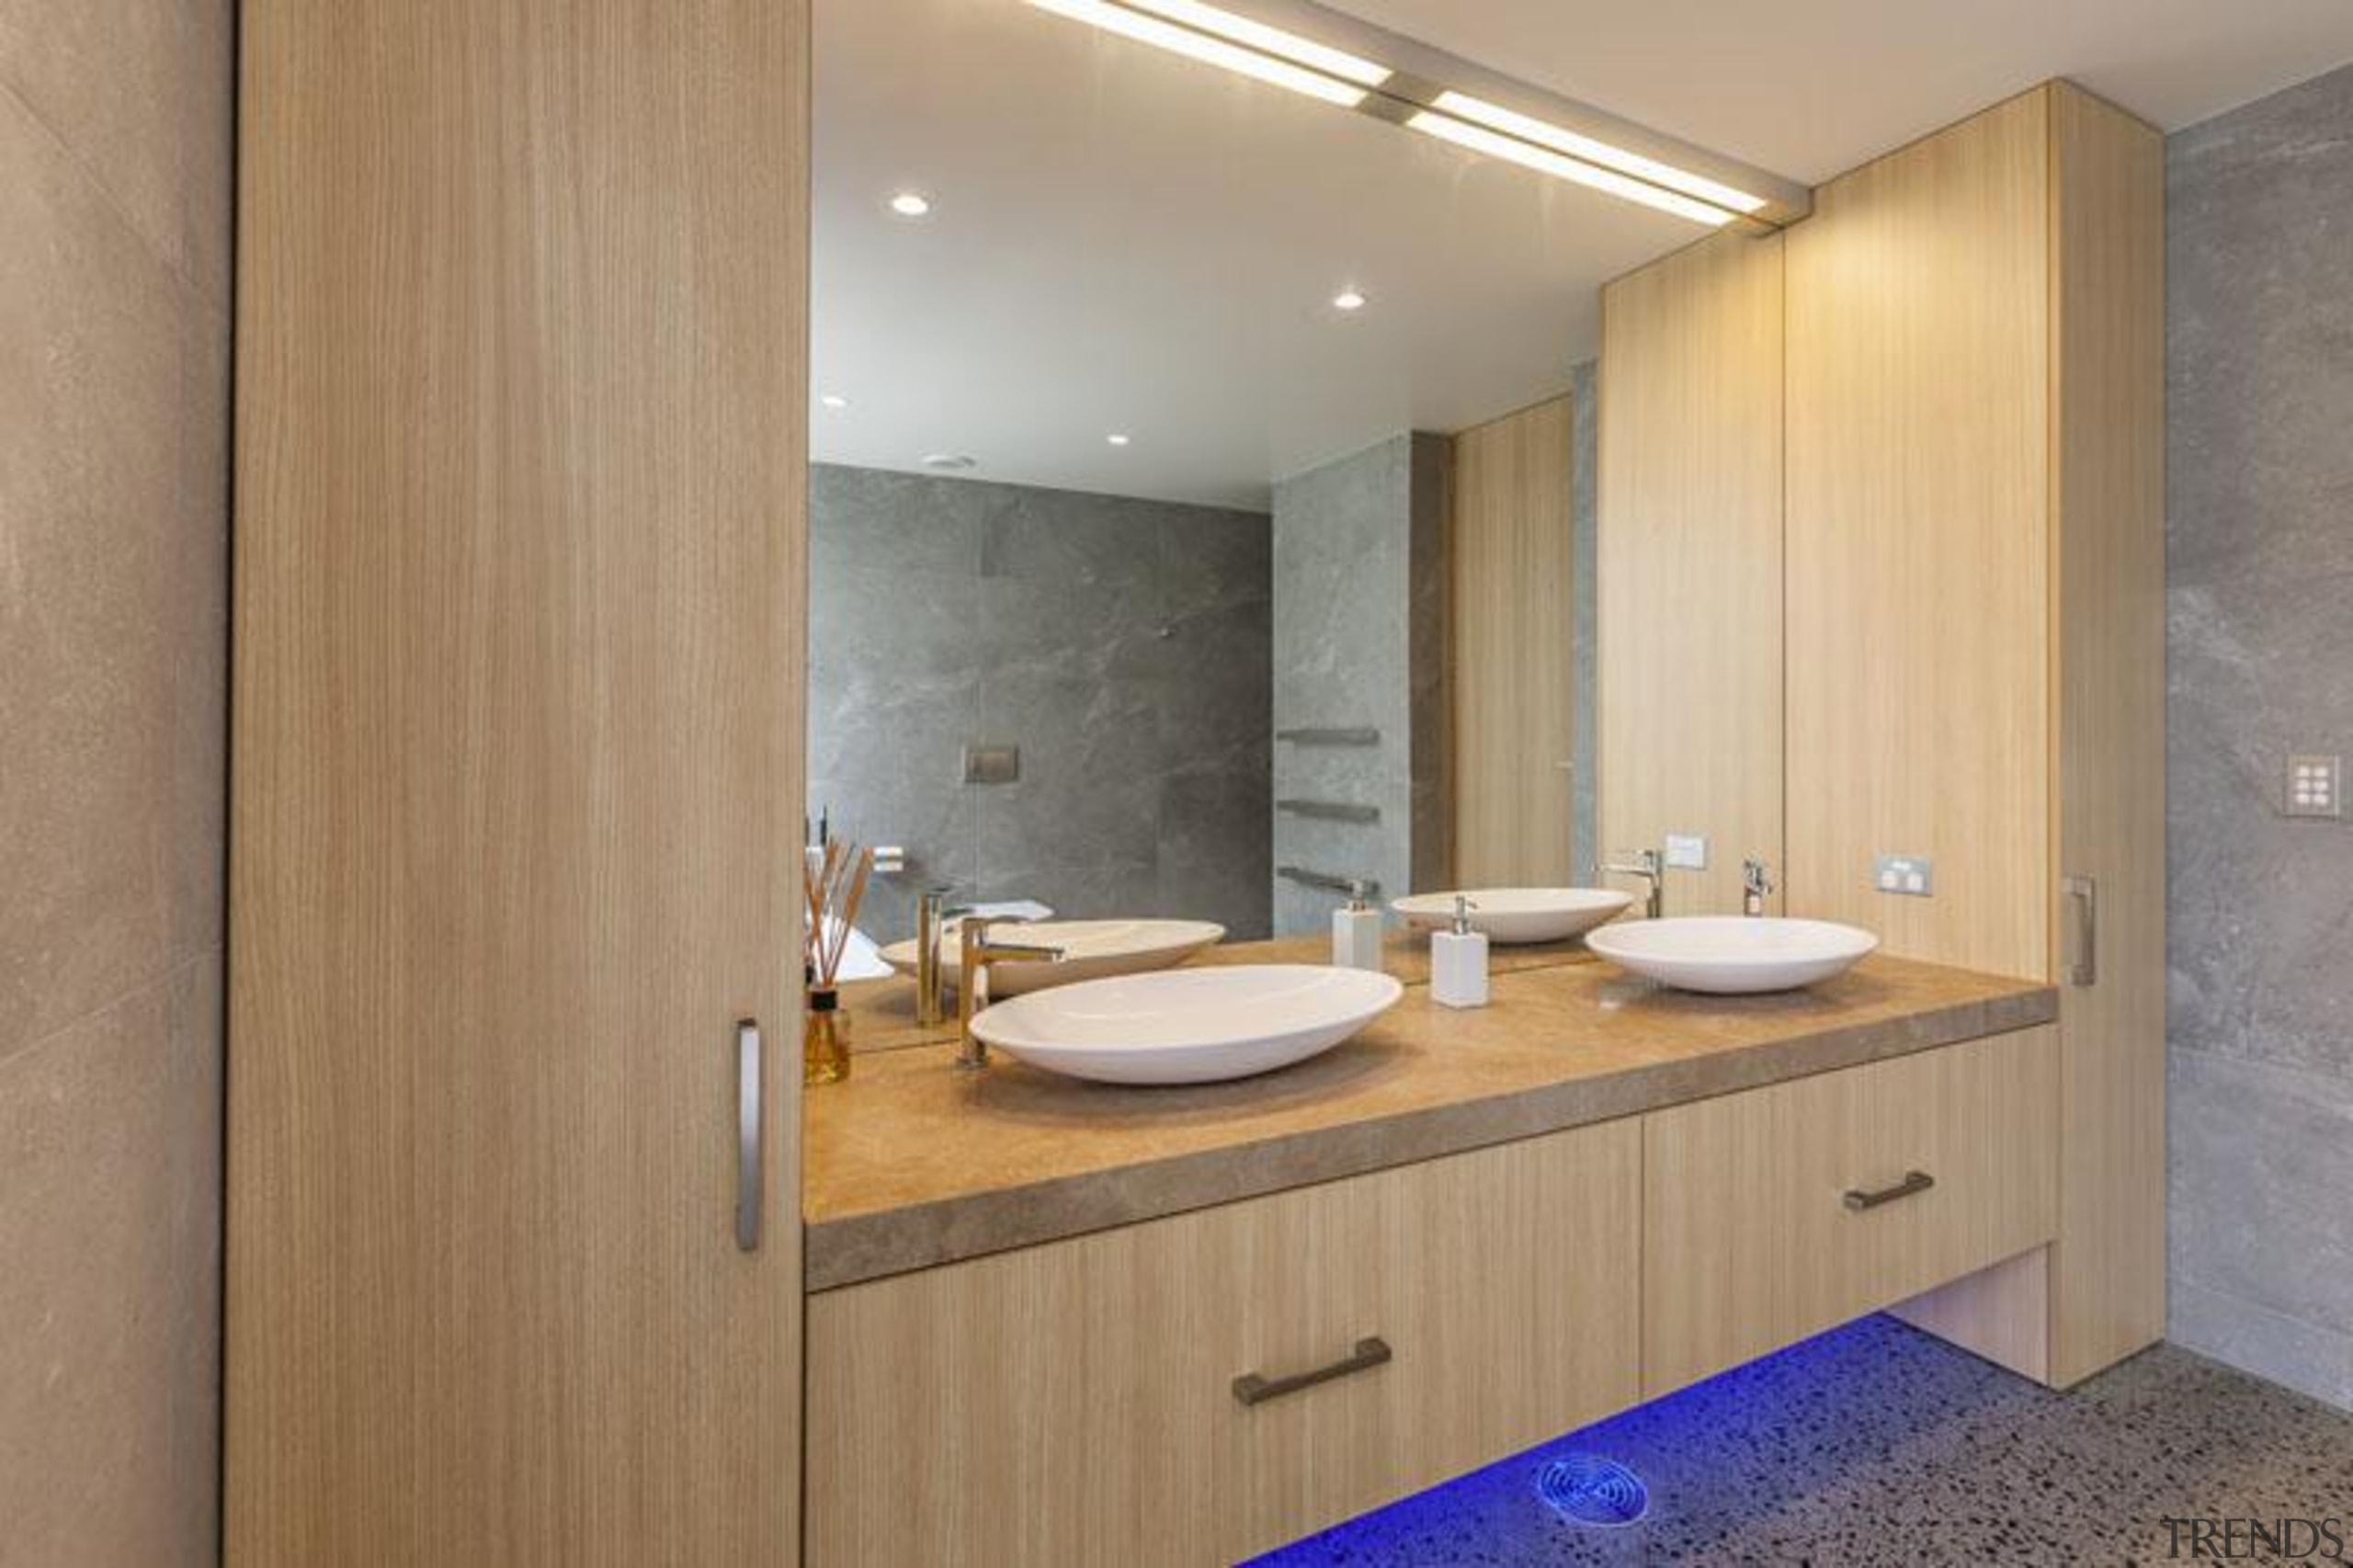 Bathroom Vanity 3 - bathroom | bathroom accessory bathroom, bathroom accessory, bathroom cabinet, cabinetry, countertop, floor, interior design, room, sink, brown, gray